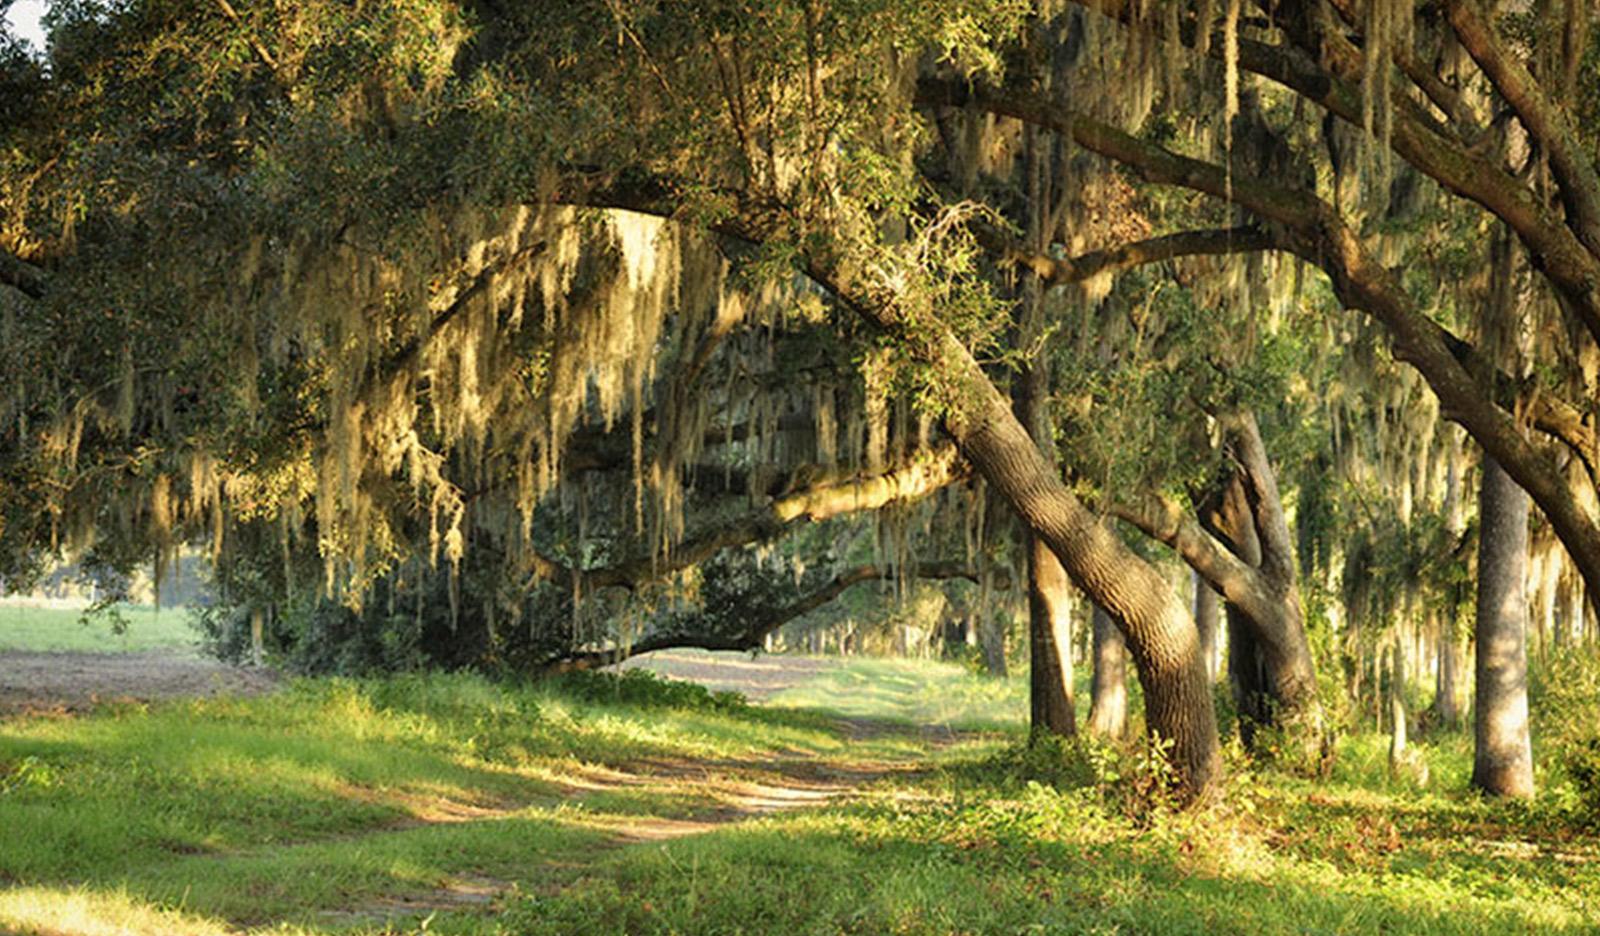 Leaning Oak Trees